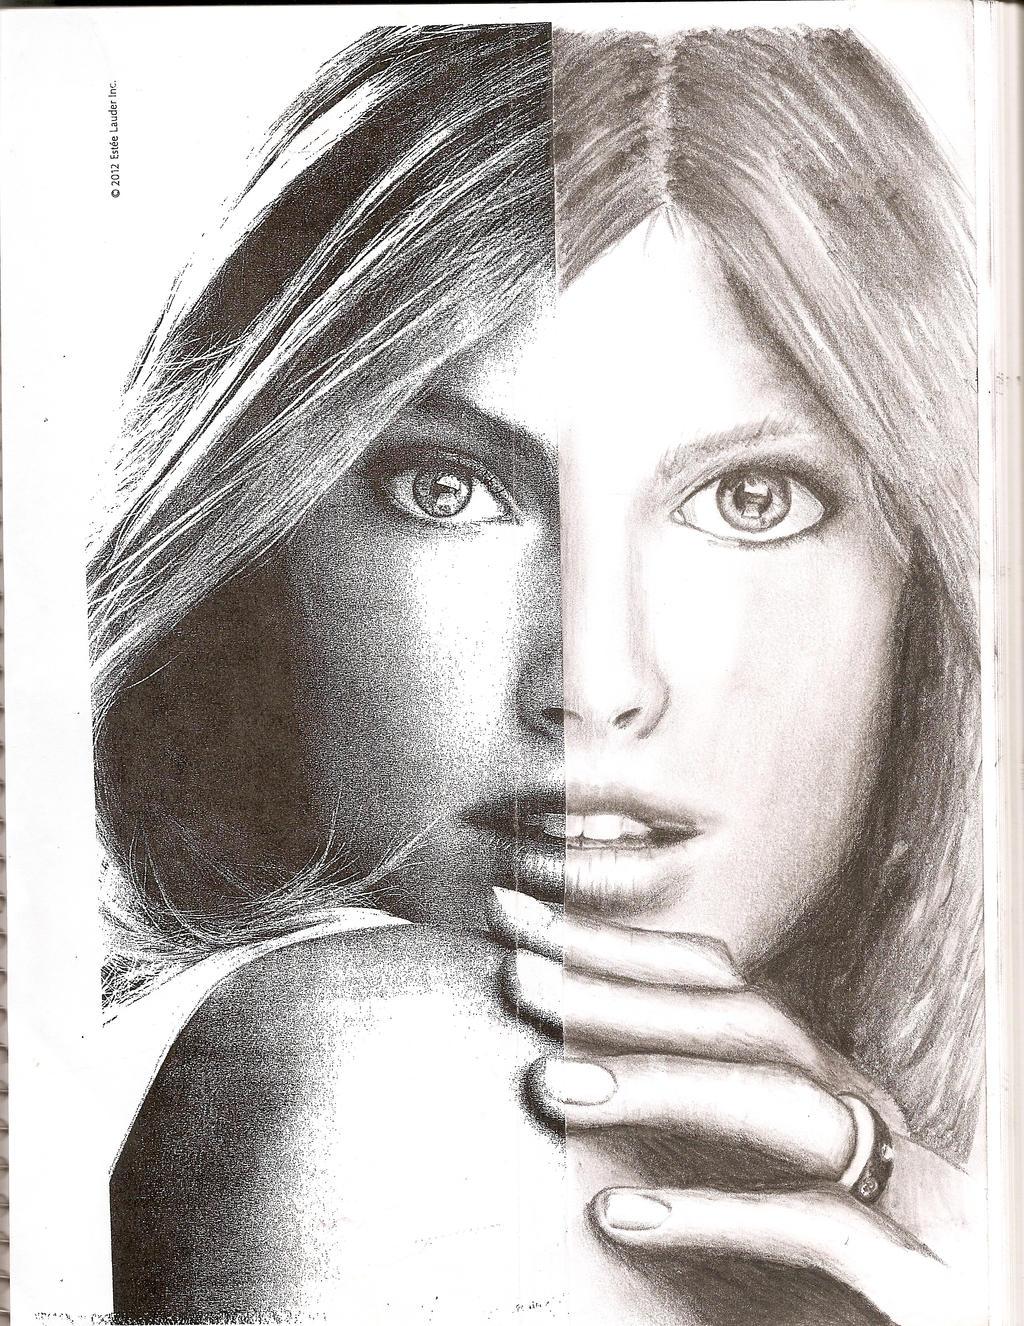 Portrait project by Juicebox617